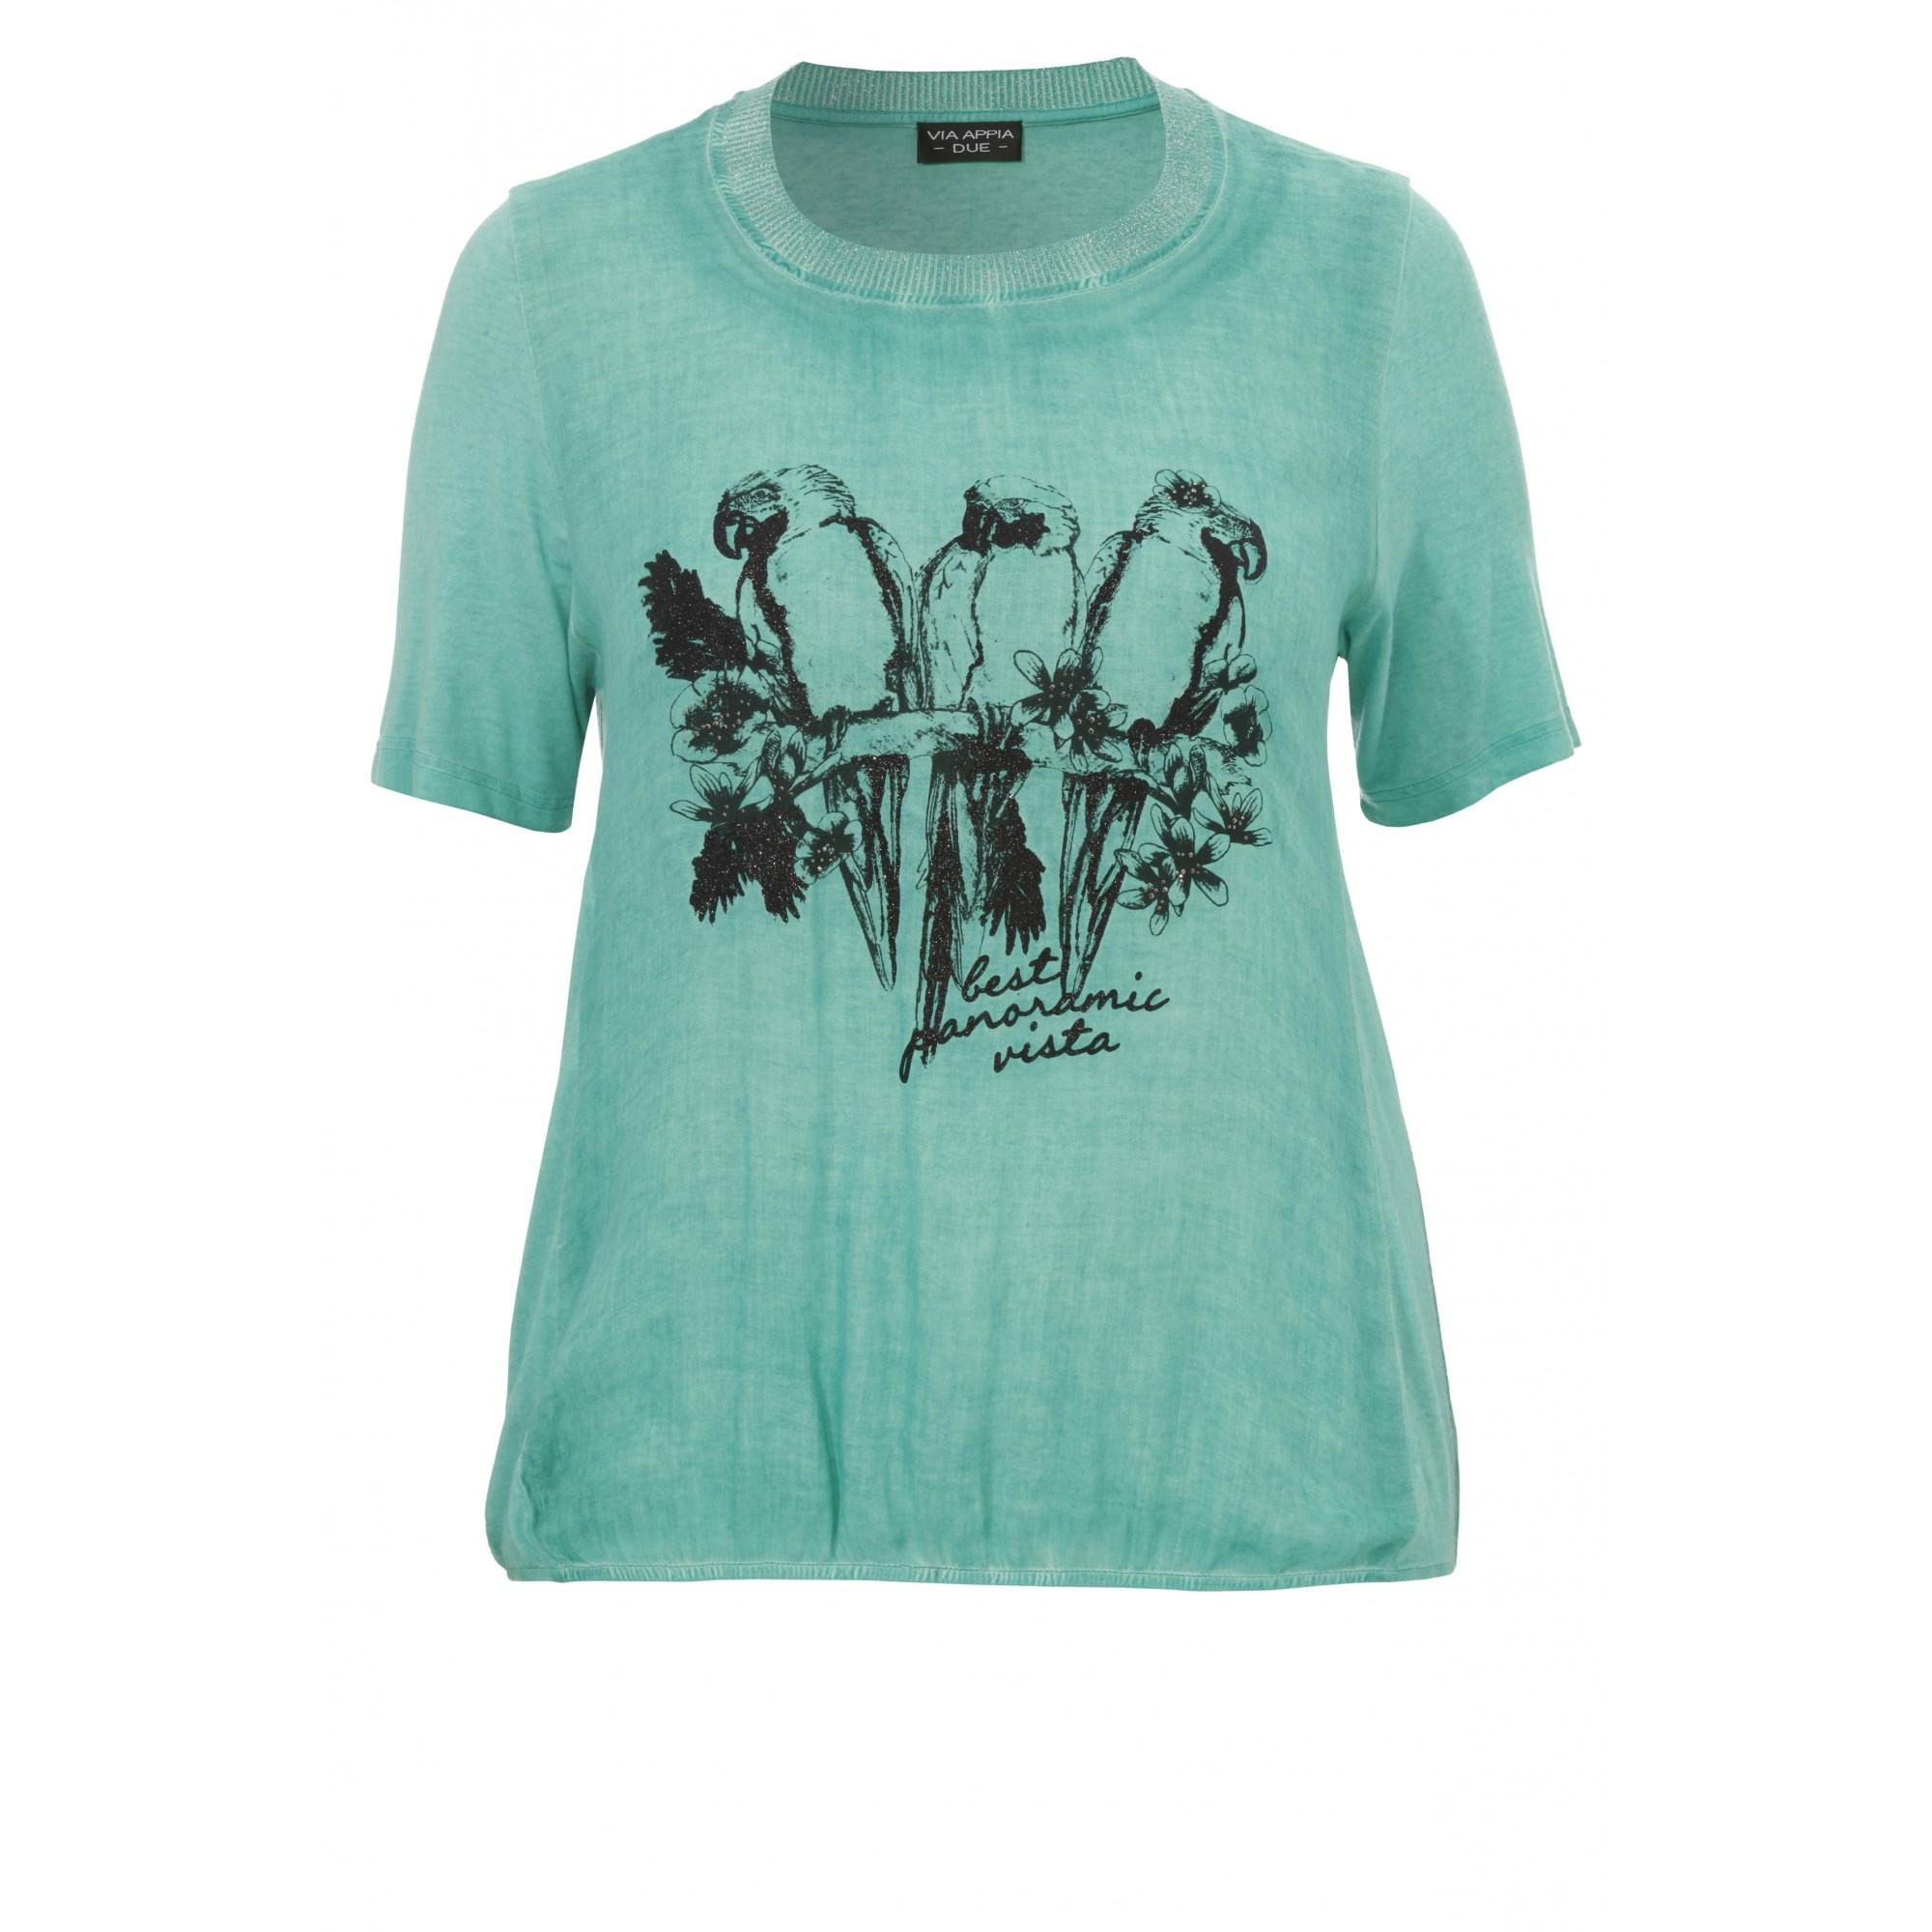 Sommerliches T-Shirt mit Motiv